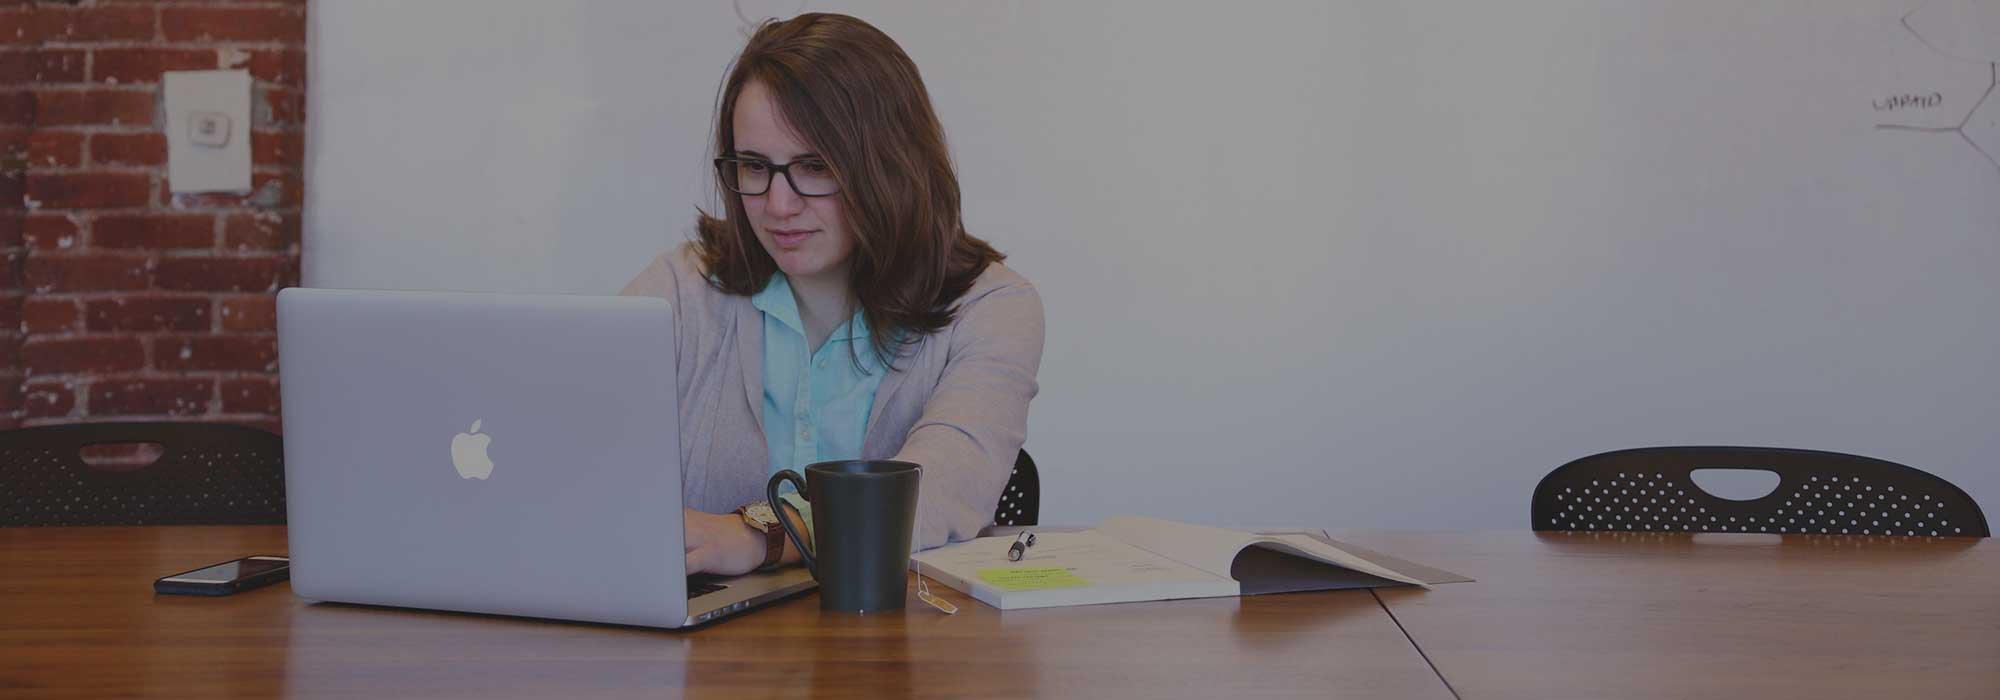 Aline Har blogueuse et passionnée du web